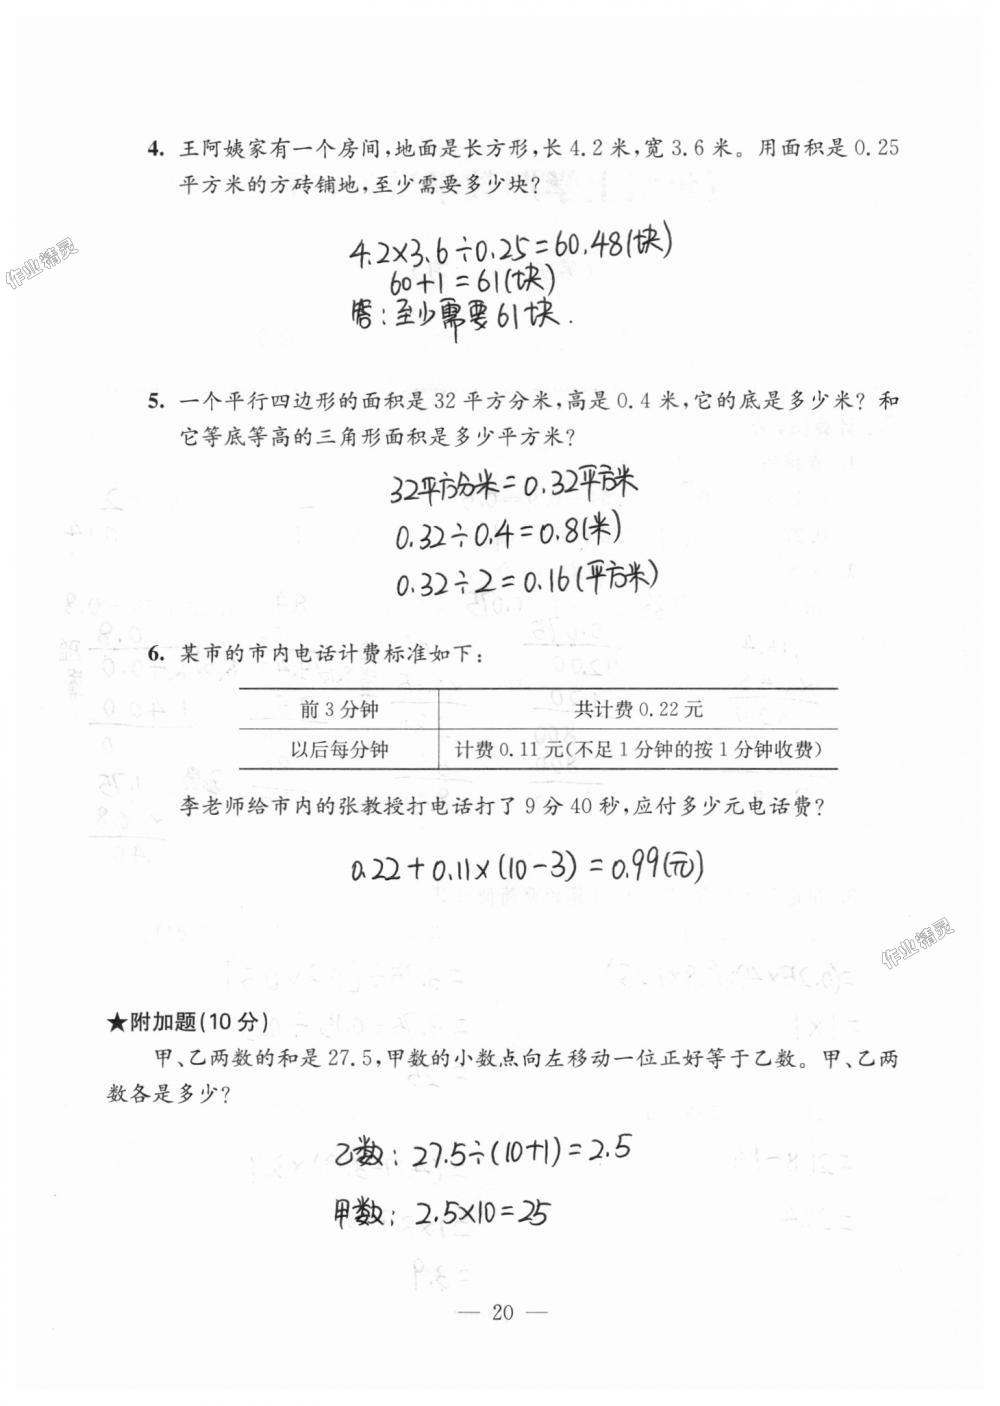 2018年练习与测试检测卷五年级数学上册苏教版第20页